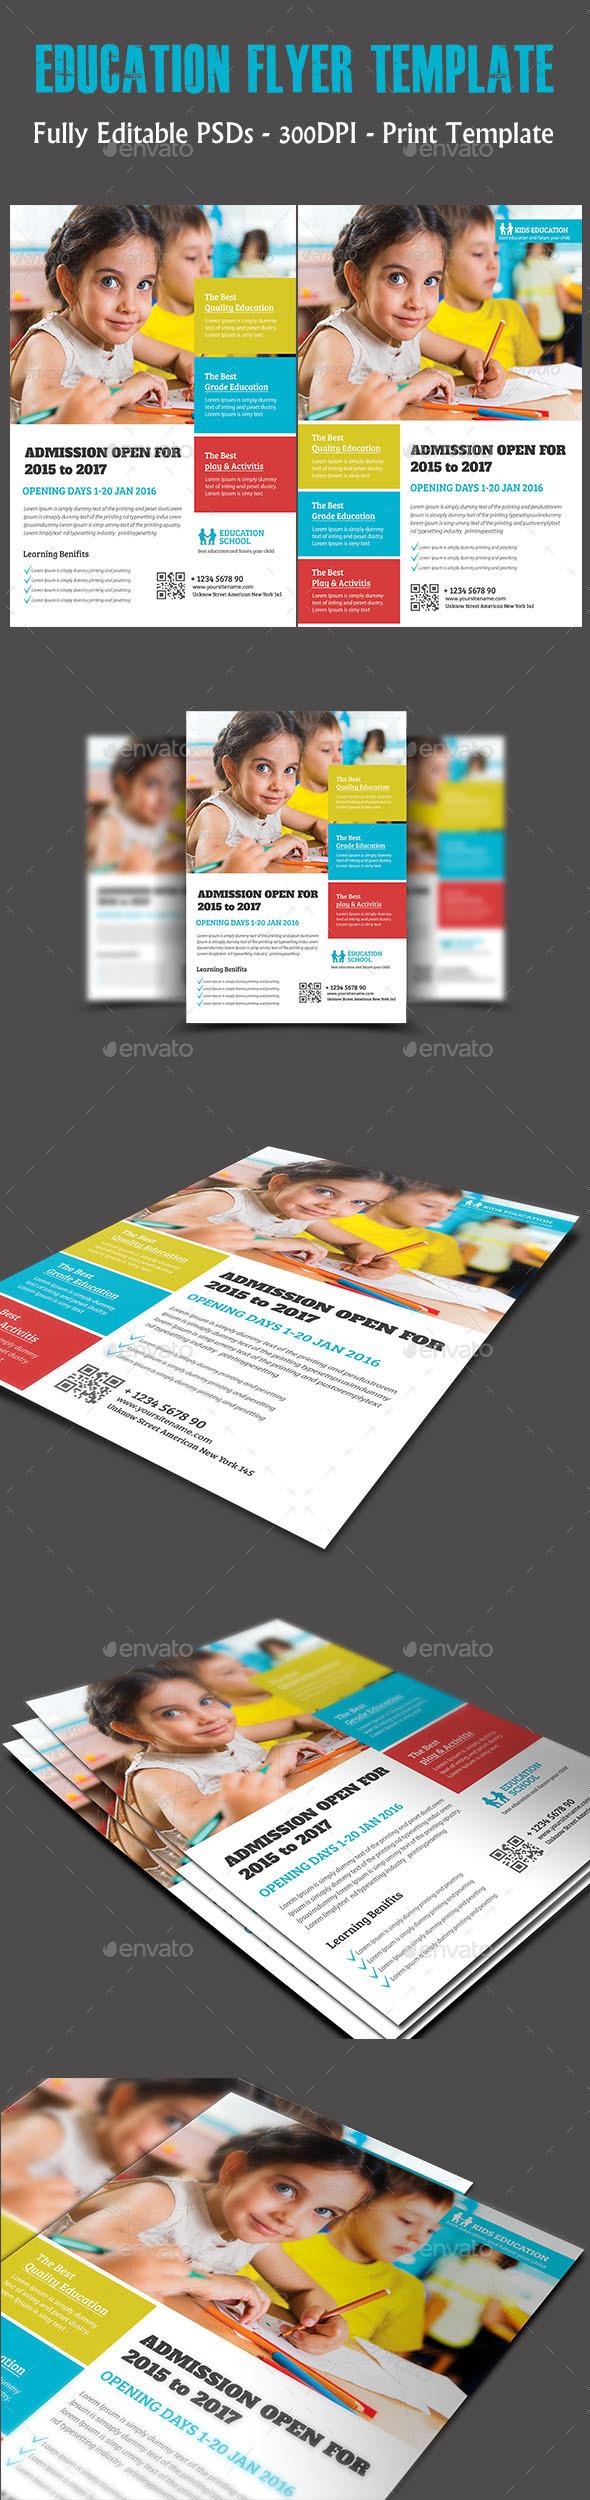 Education Flyer Temp - Flyers Print Templates